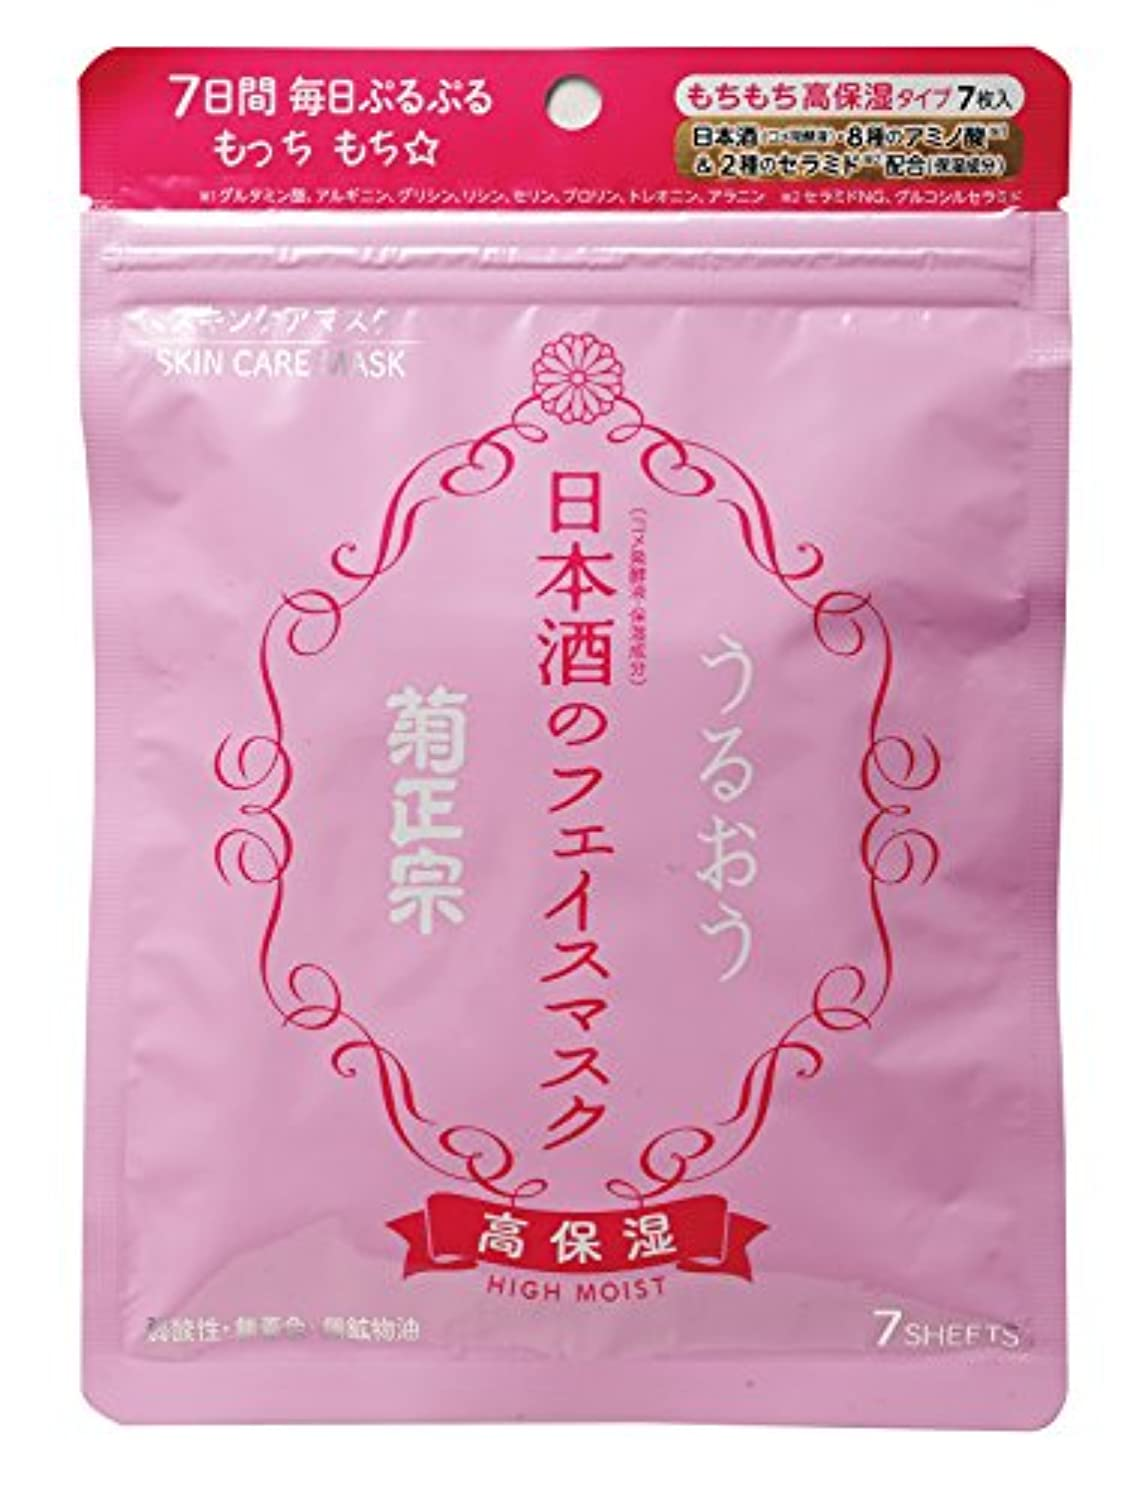 水銀の皮肉増加する菊正宗 日本酒のフェイスマスク 高保湿 7枚入